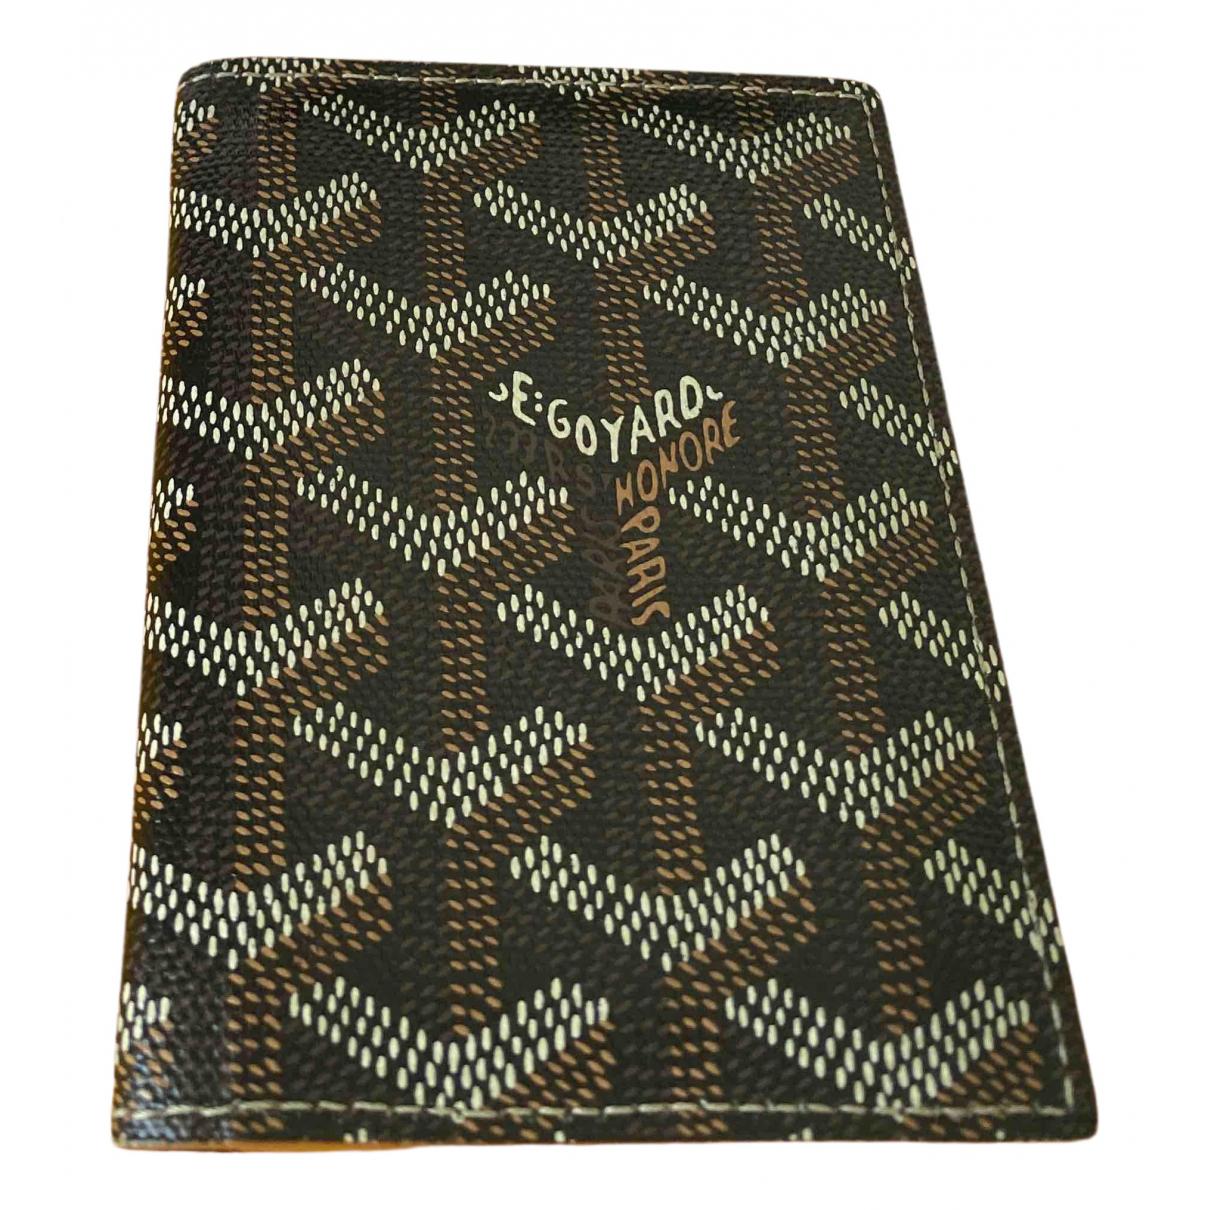 Goyard - Petite maroquinerie   pour homme en toile - marron